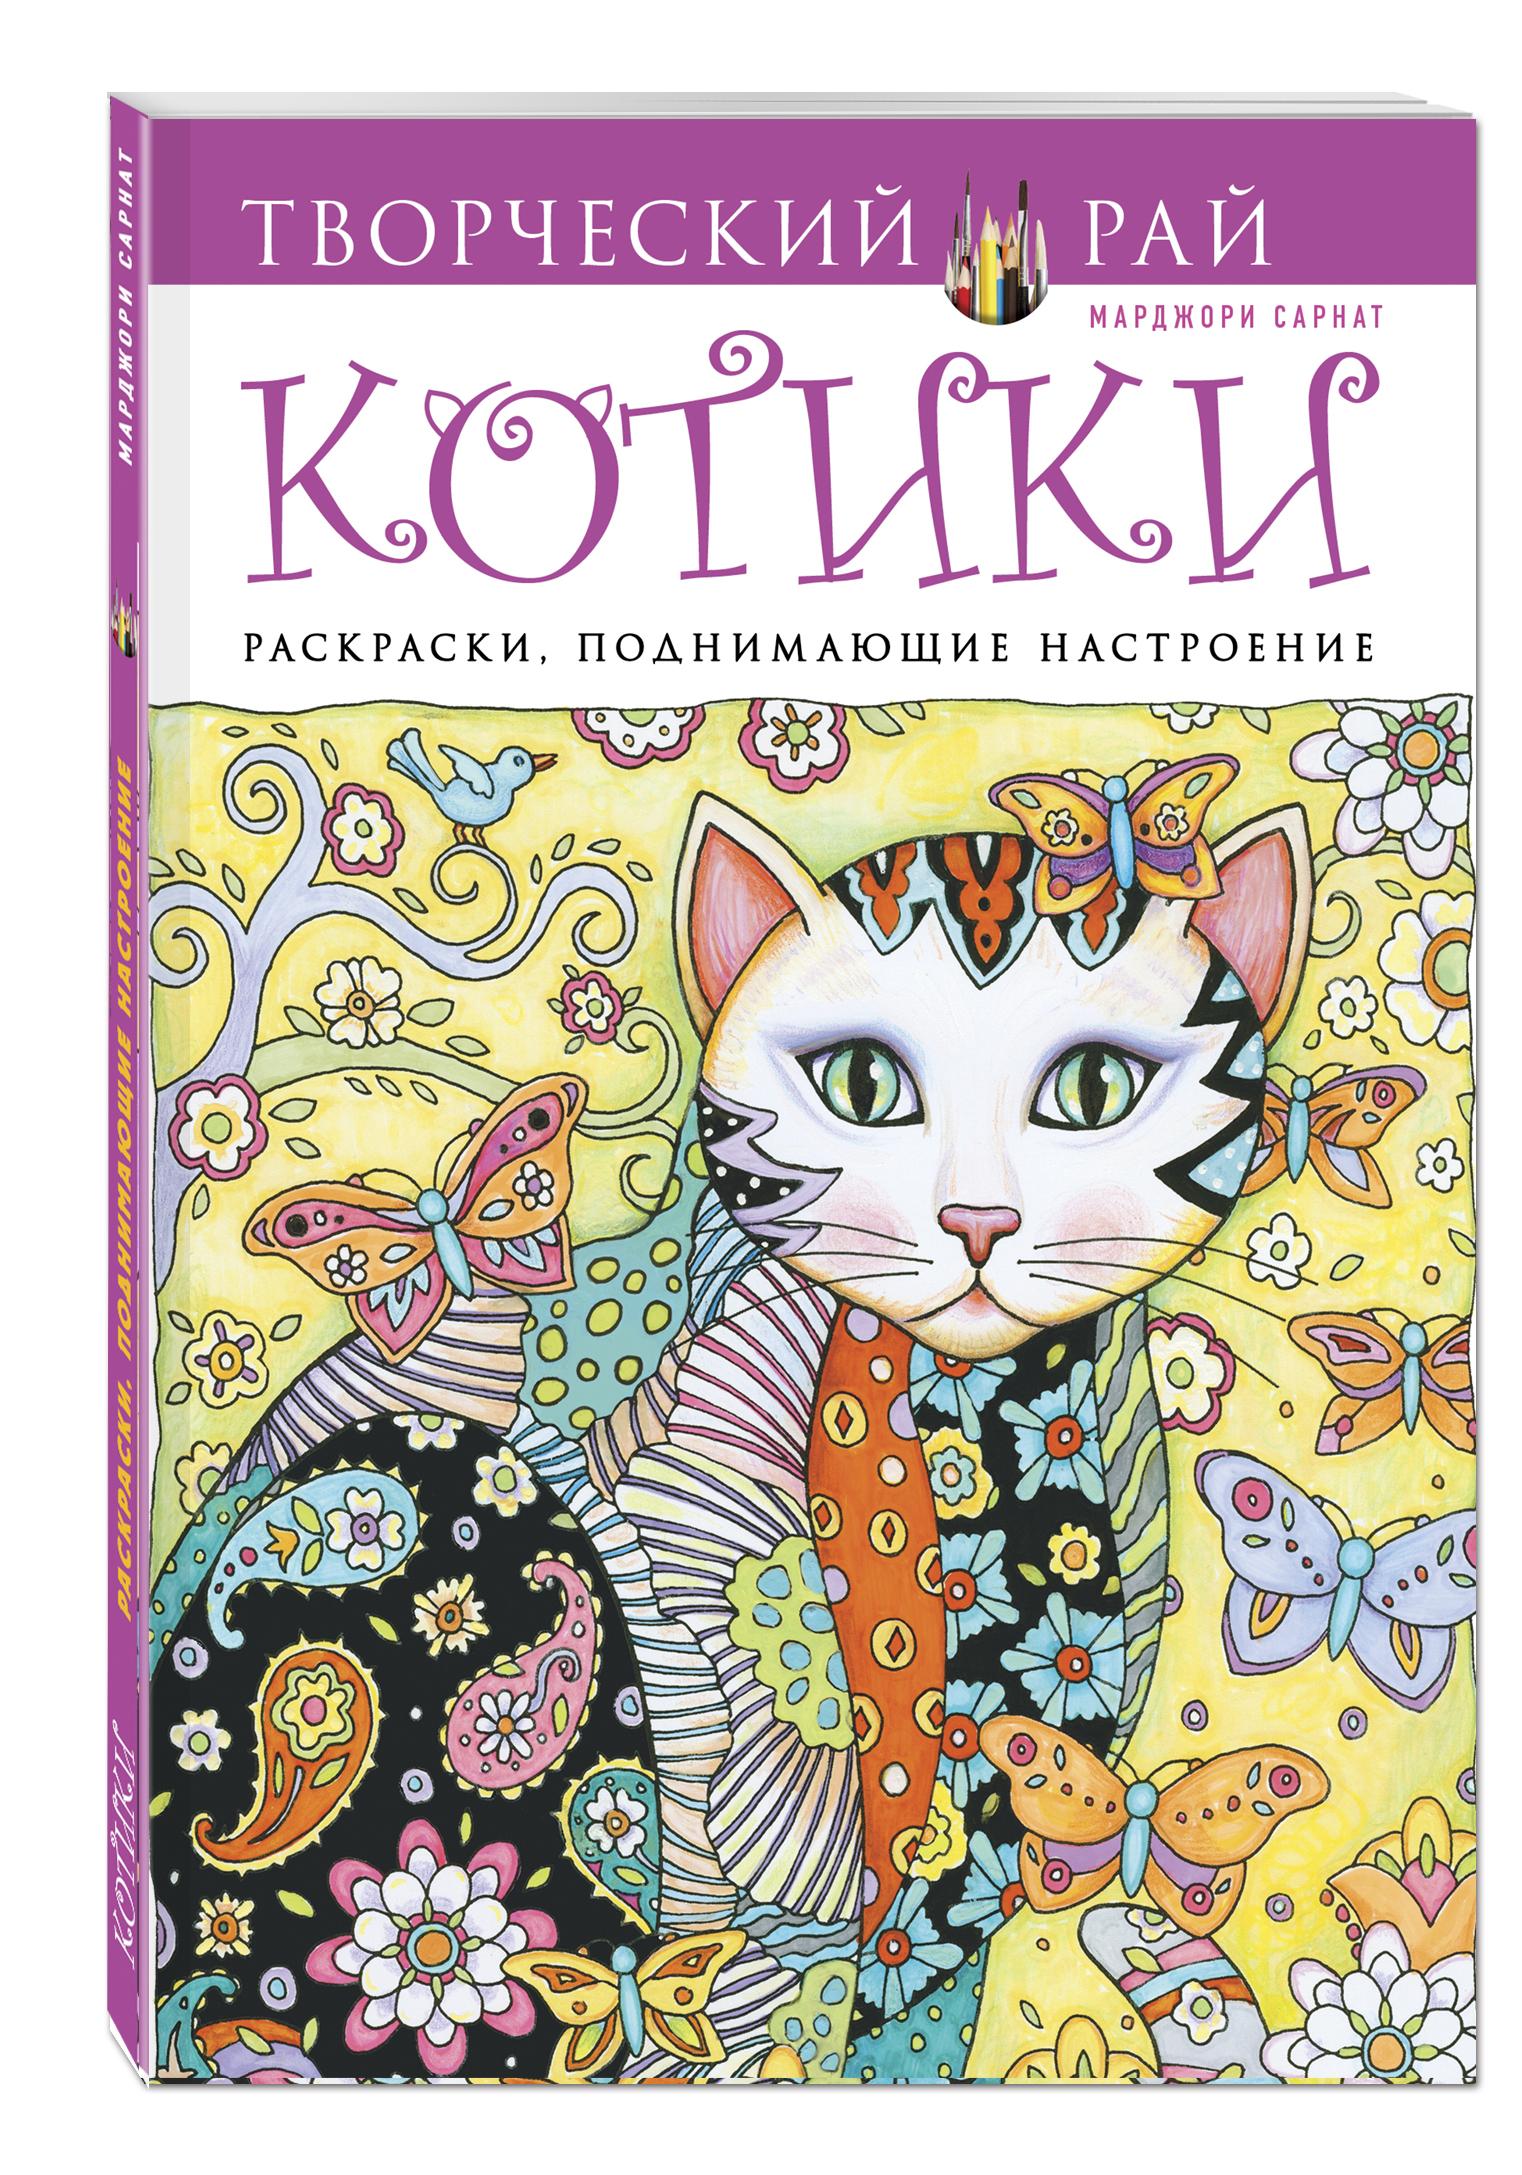 Котики. Раскраски, поднимающие настроение (АШАН)